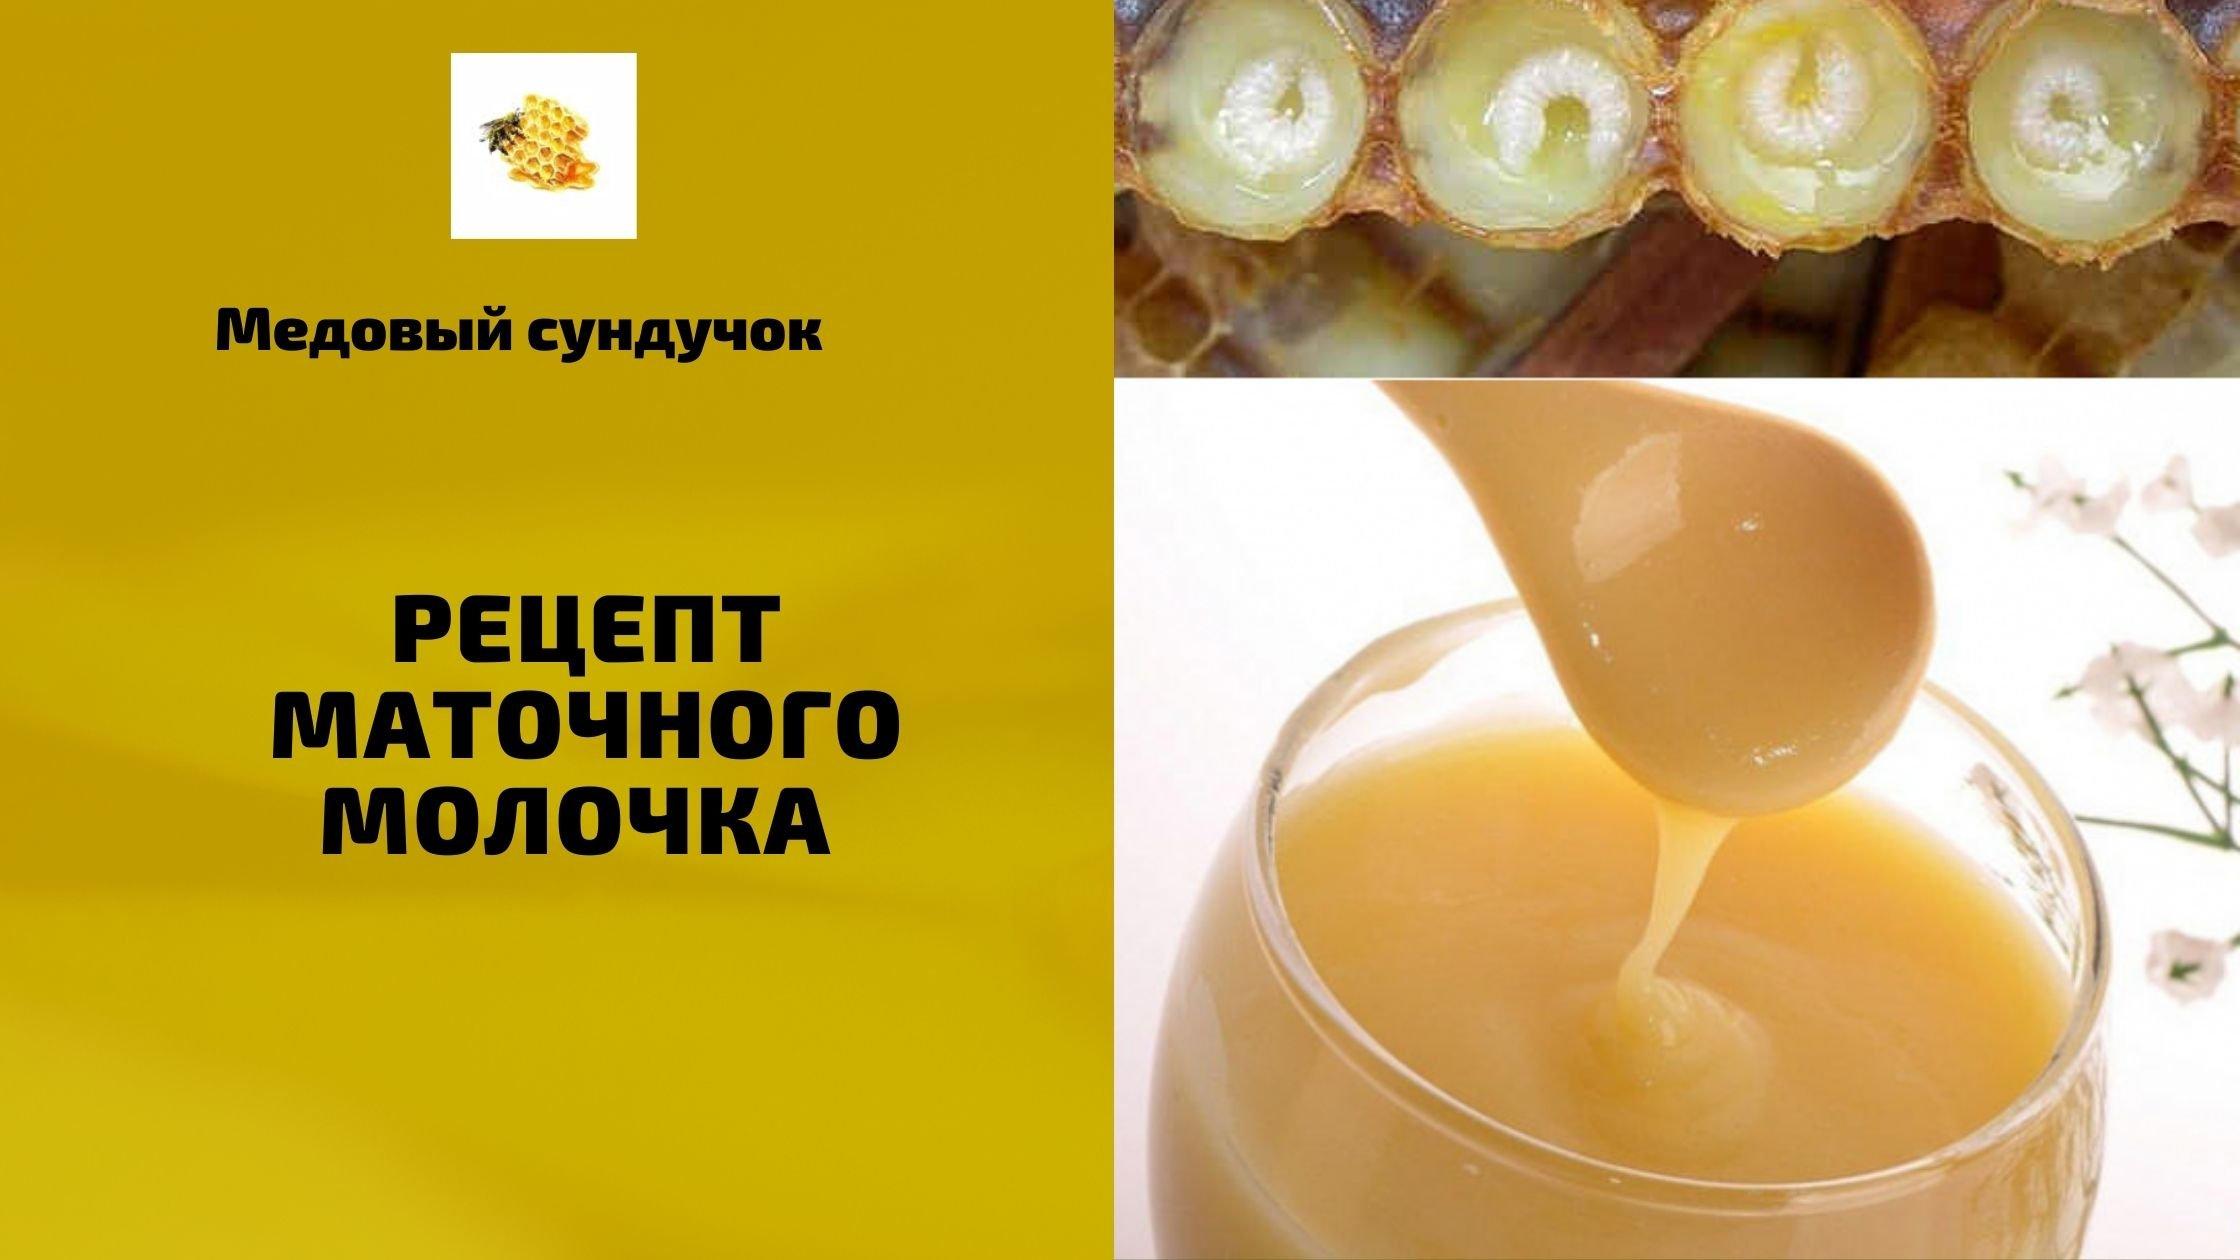 маточное молочко рецепт